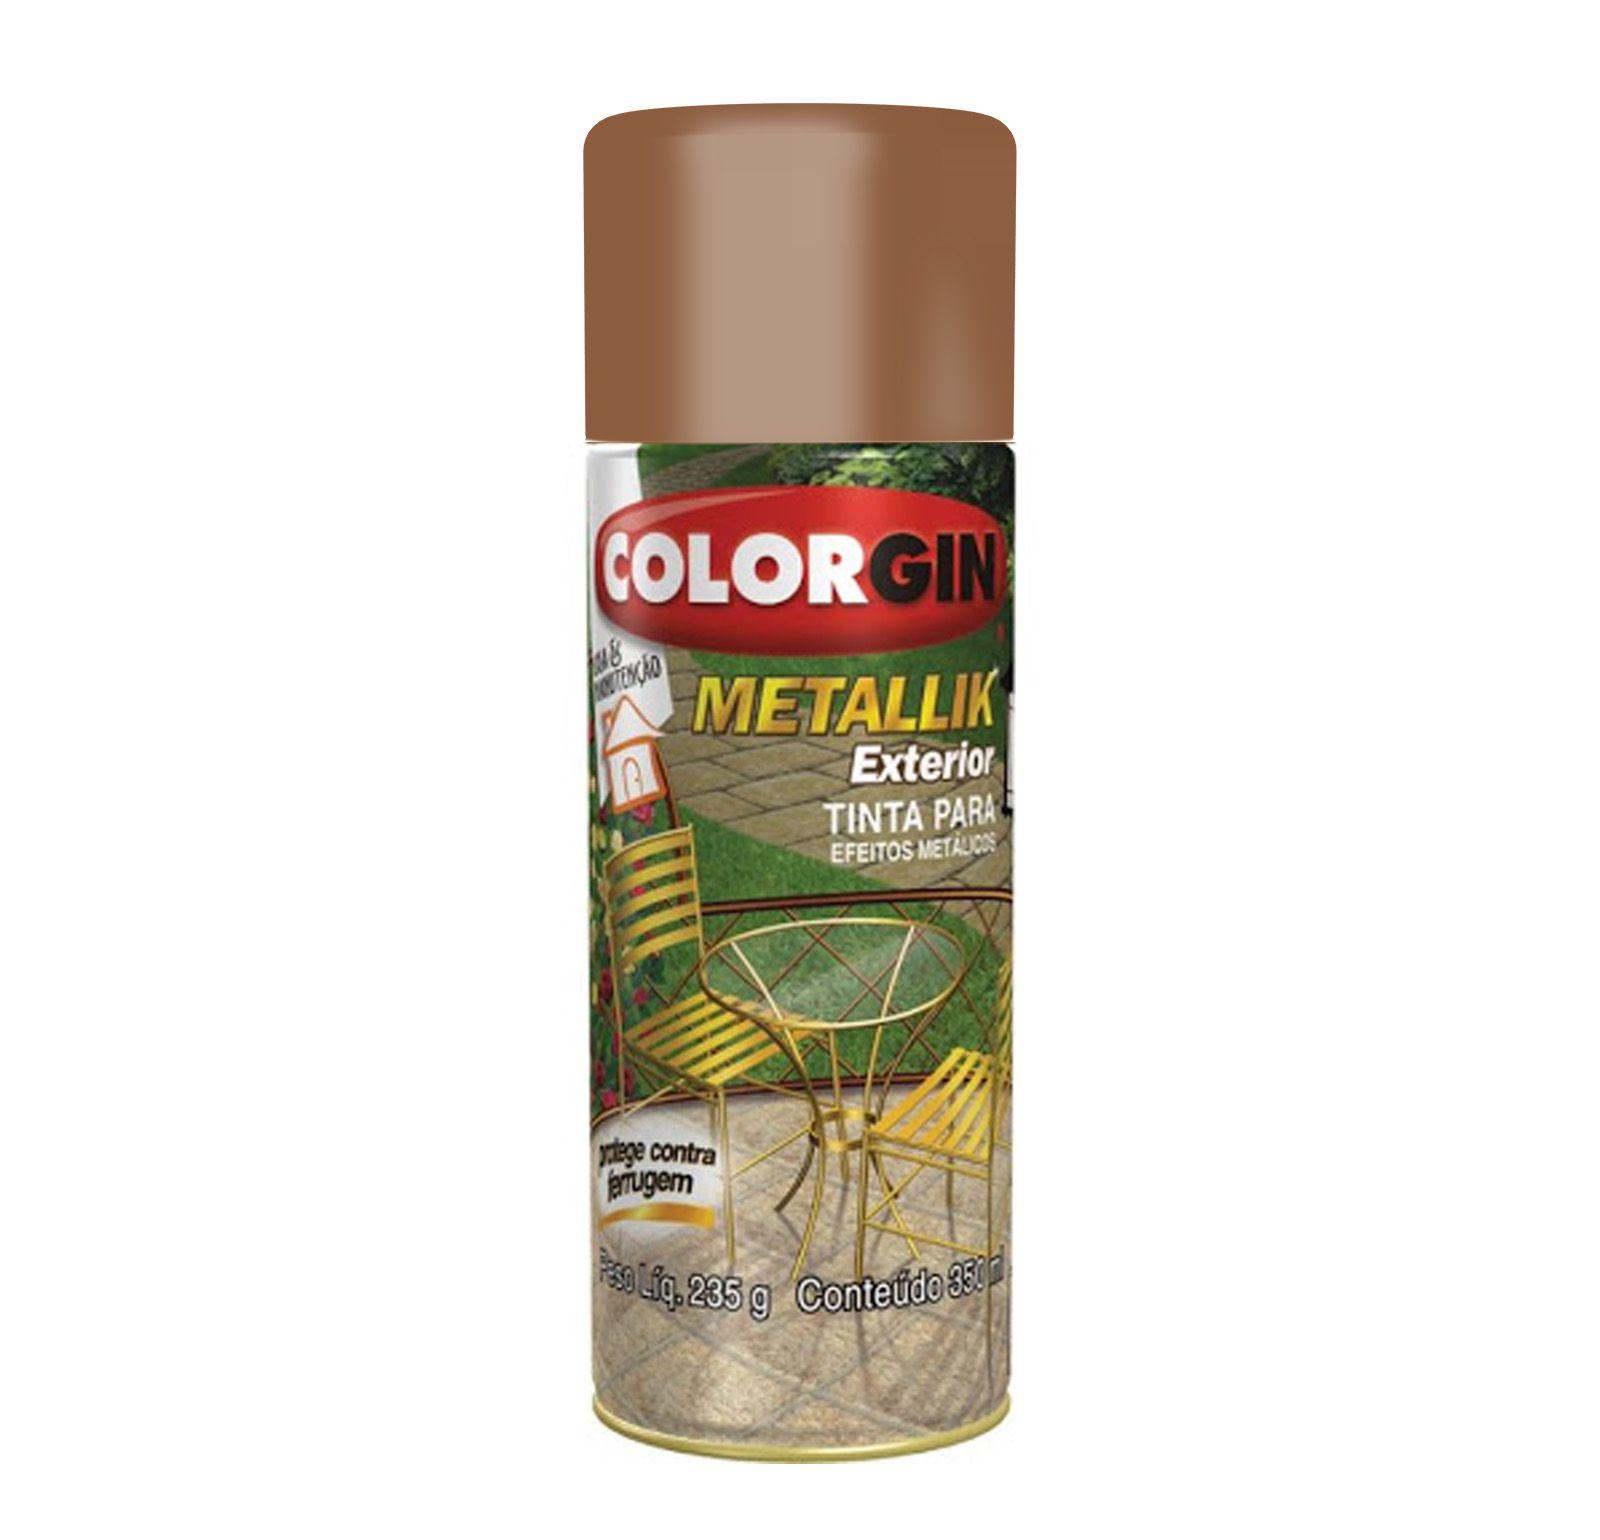 Spray Colorgin Metalik Cobre Metalico 65